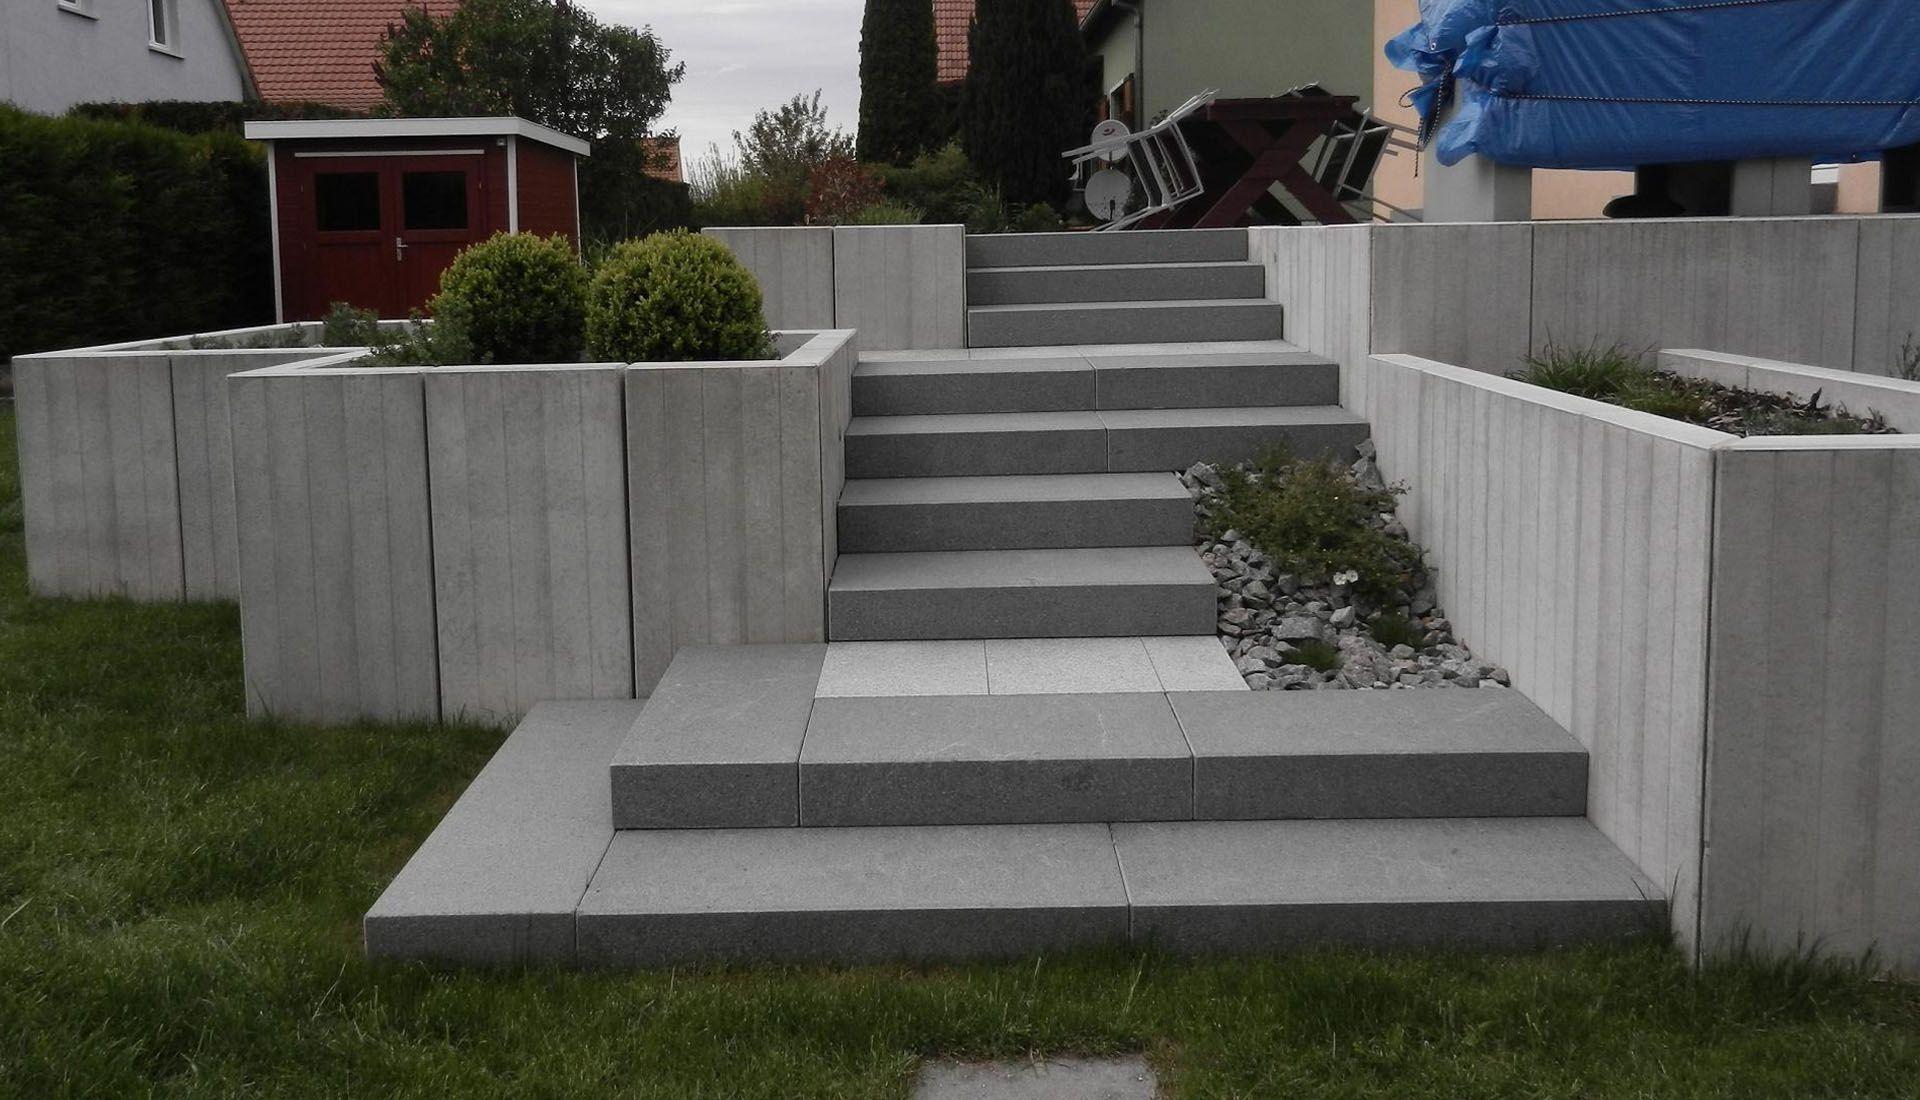 Resultat De Recherche D Images Pour Emmarchement Exterieur Entree Maison Amenagement Jardin En Pente Escalier Exterieur Amenagement Jardin